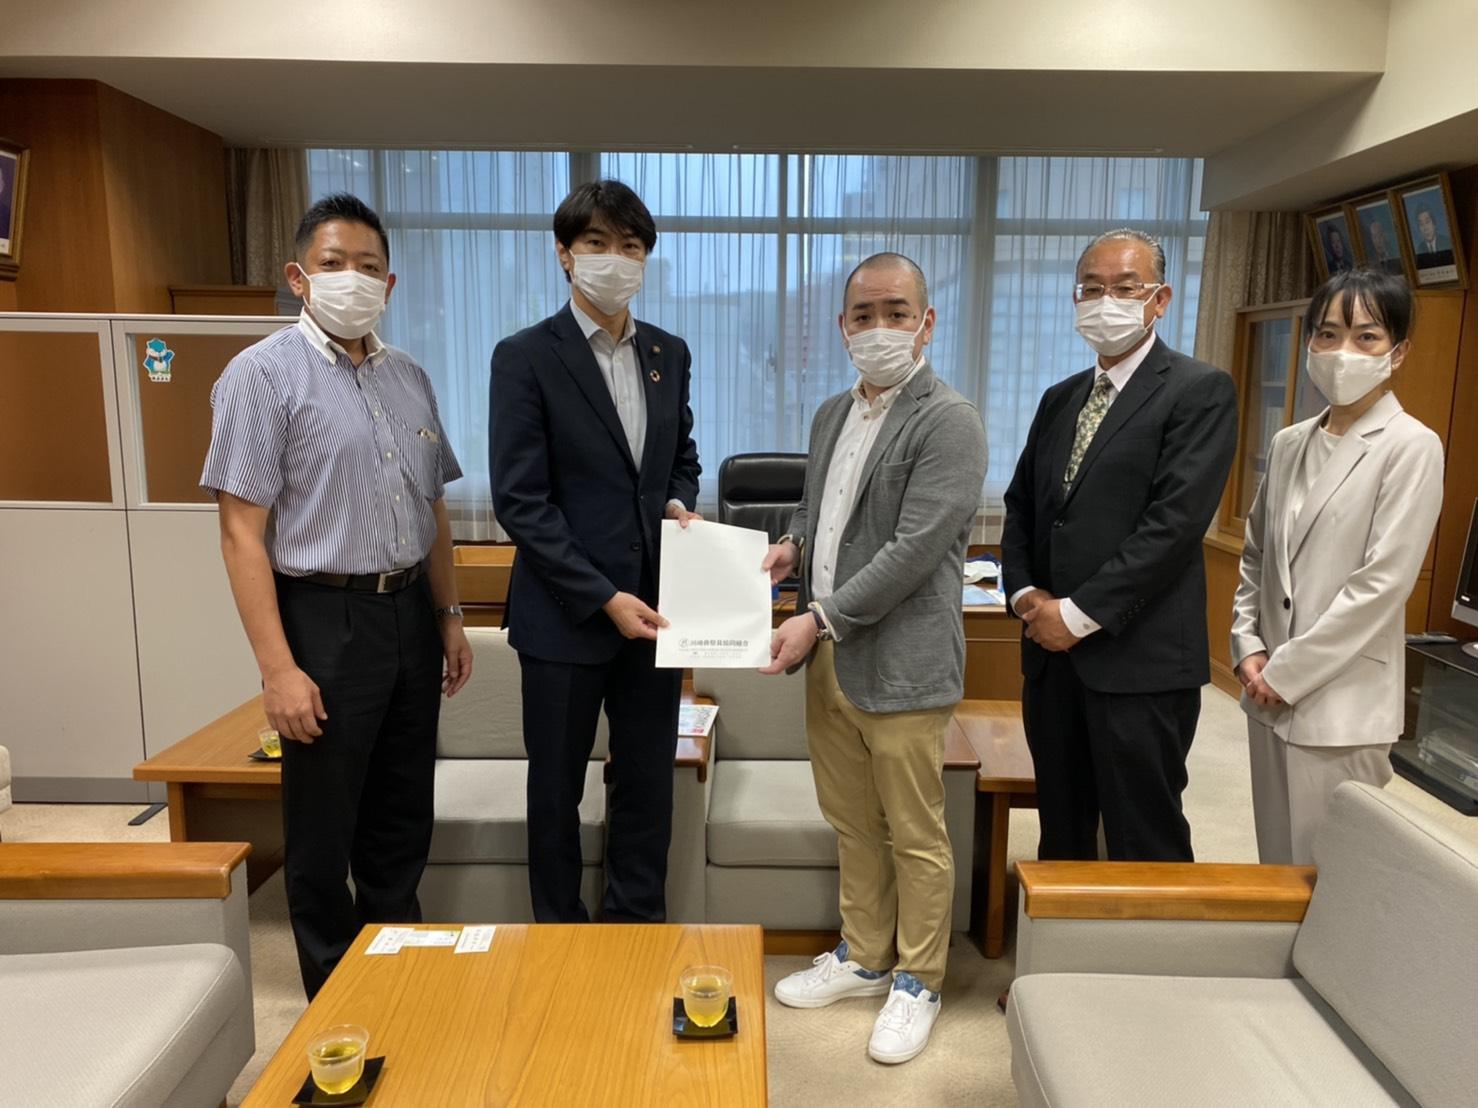 川崎市議会議長へ表敬訪問をしてまいりました